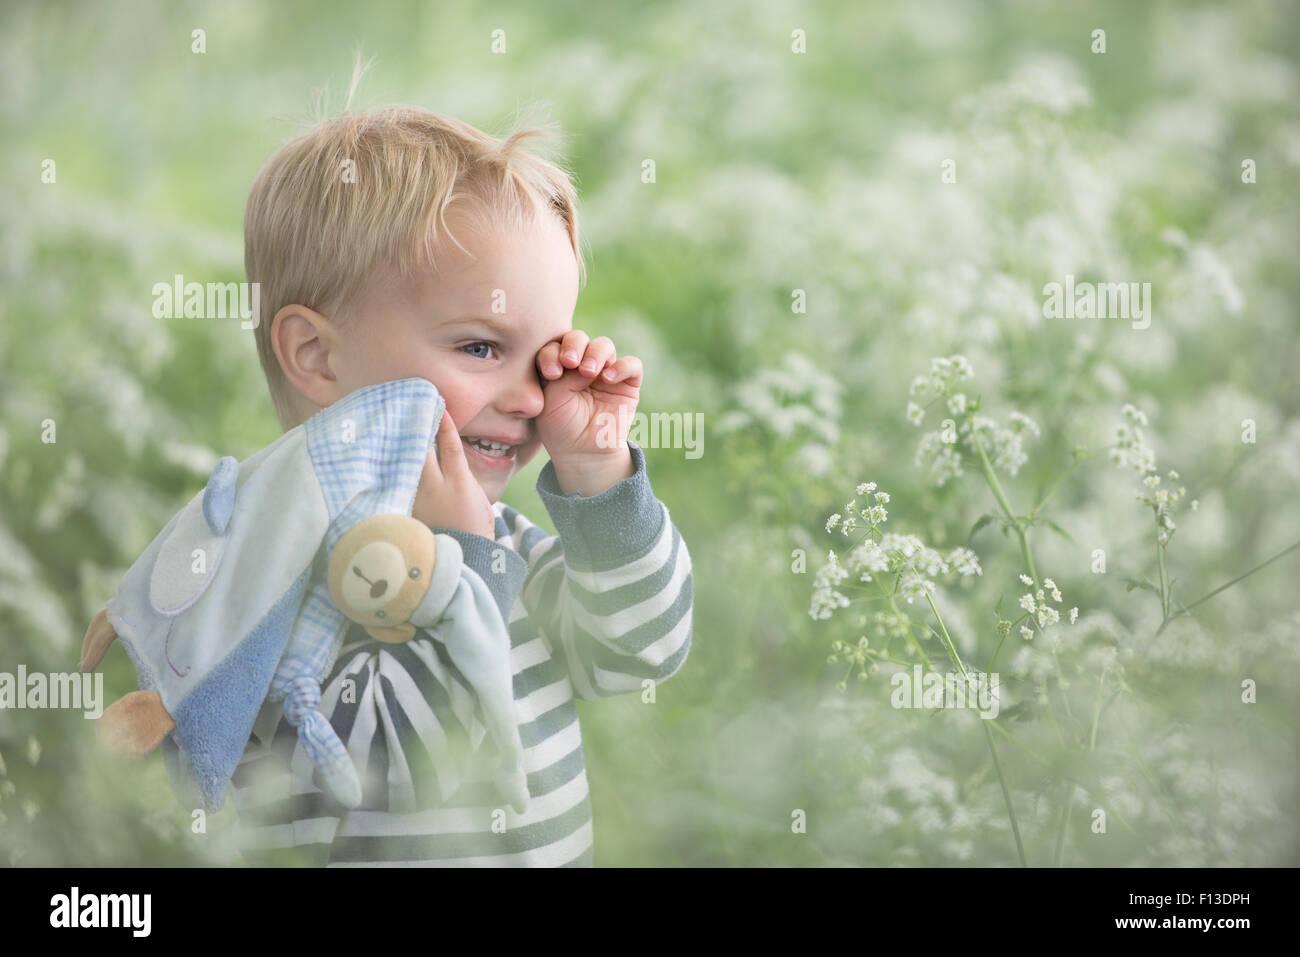 Stanco bambino in piedi in un campo strofinando i suoi occhi Immagini Stock